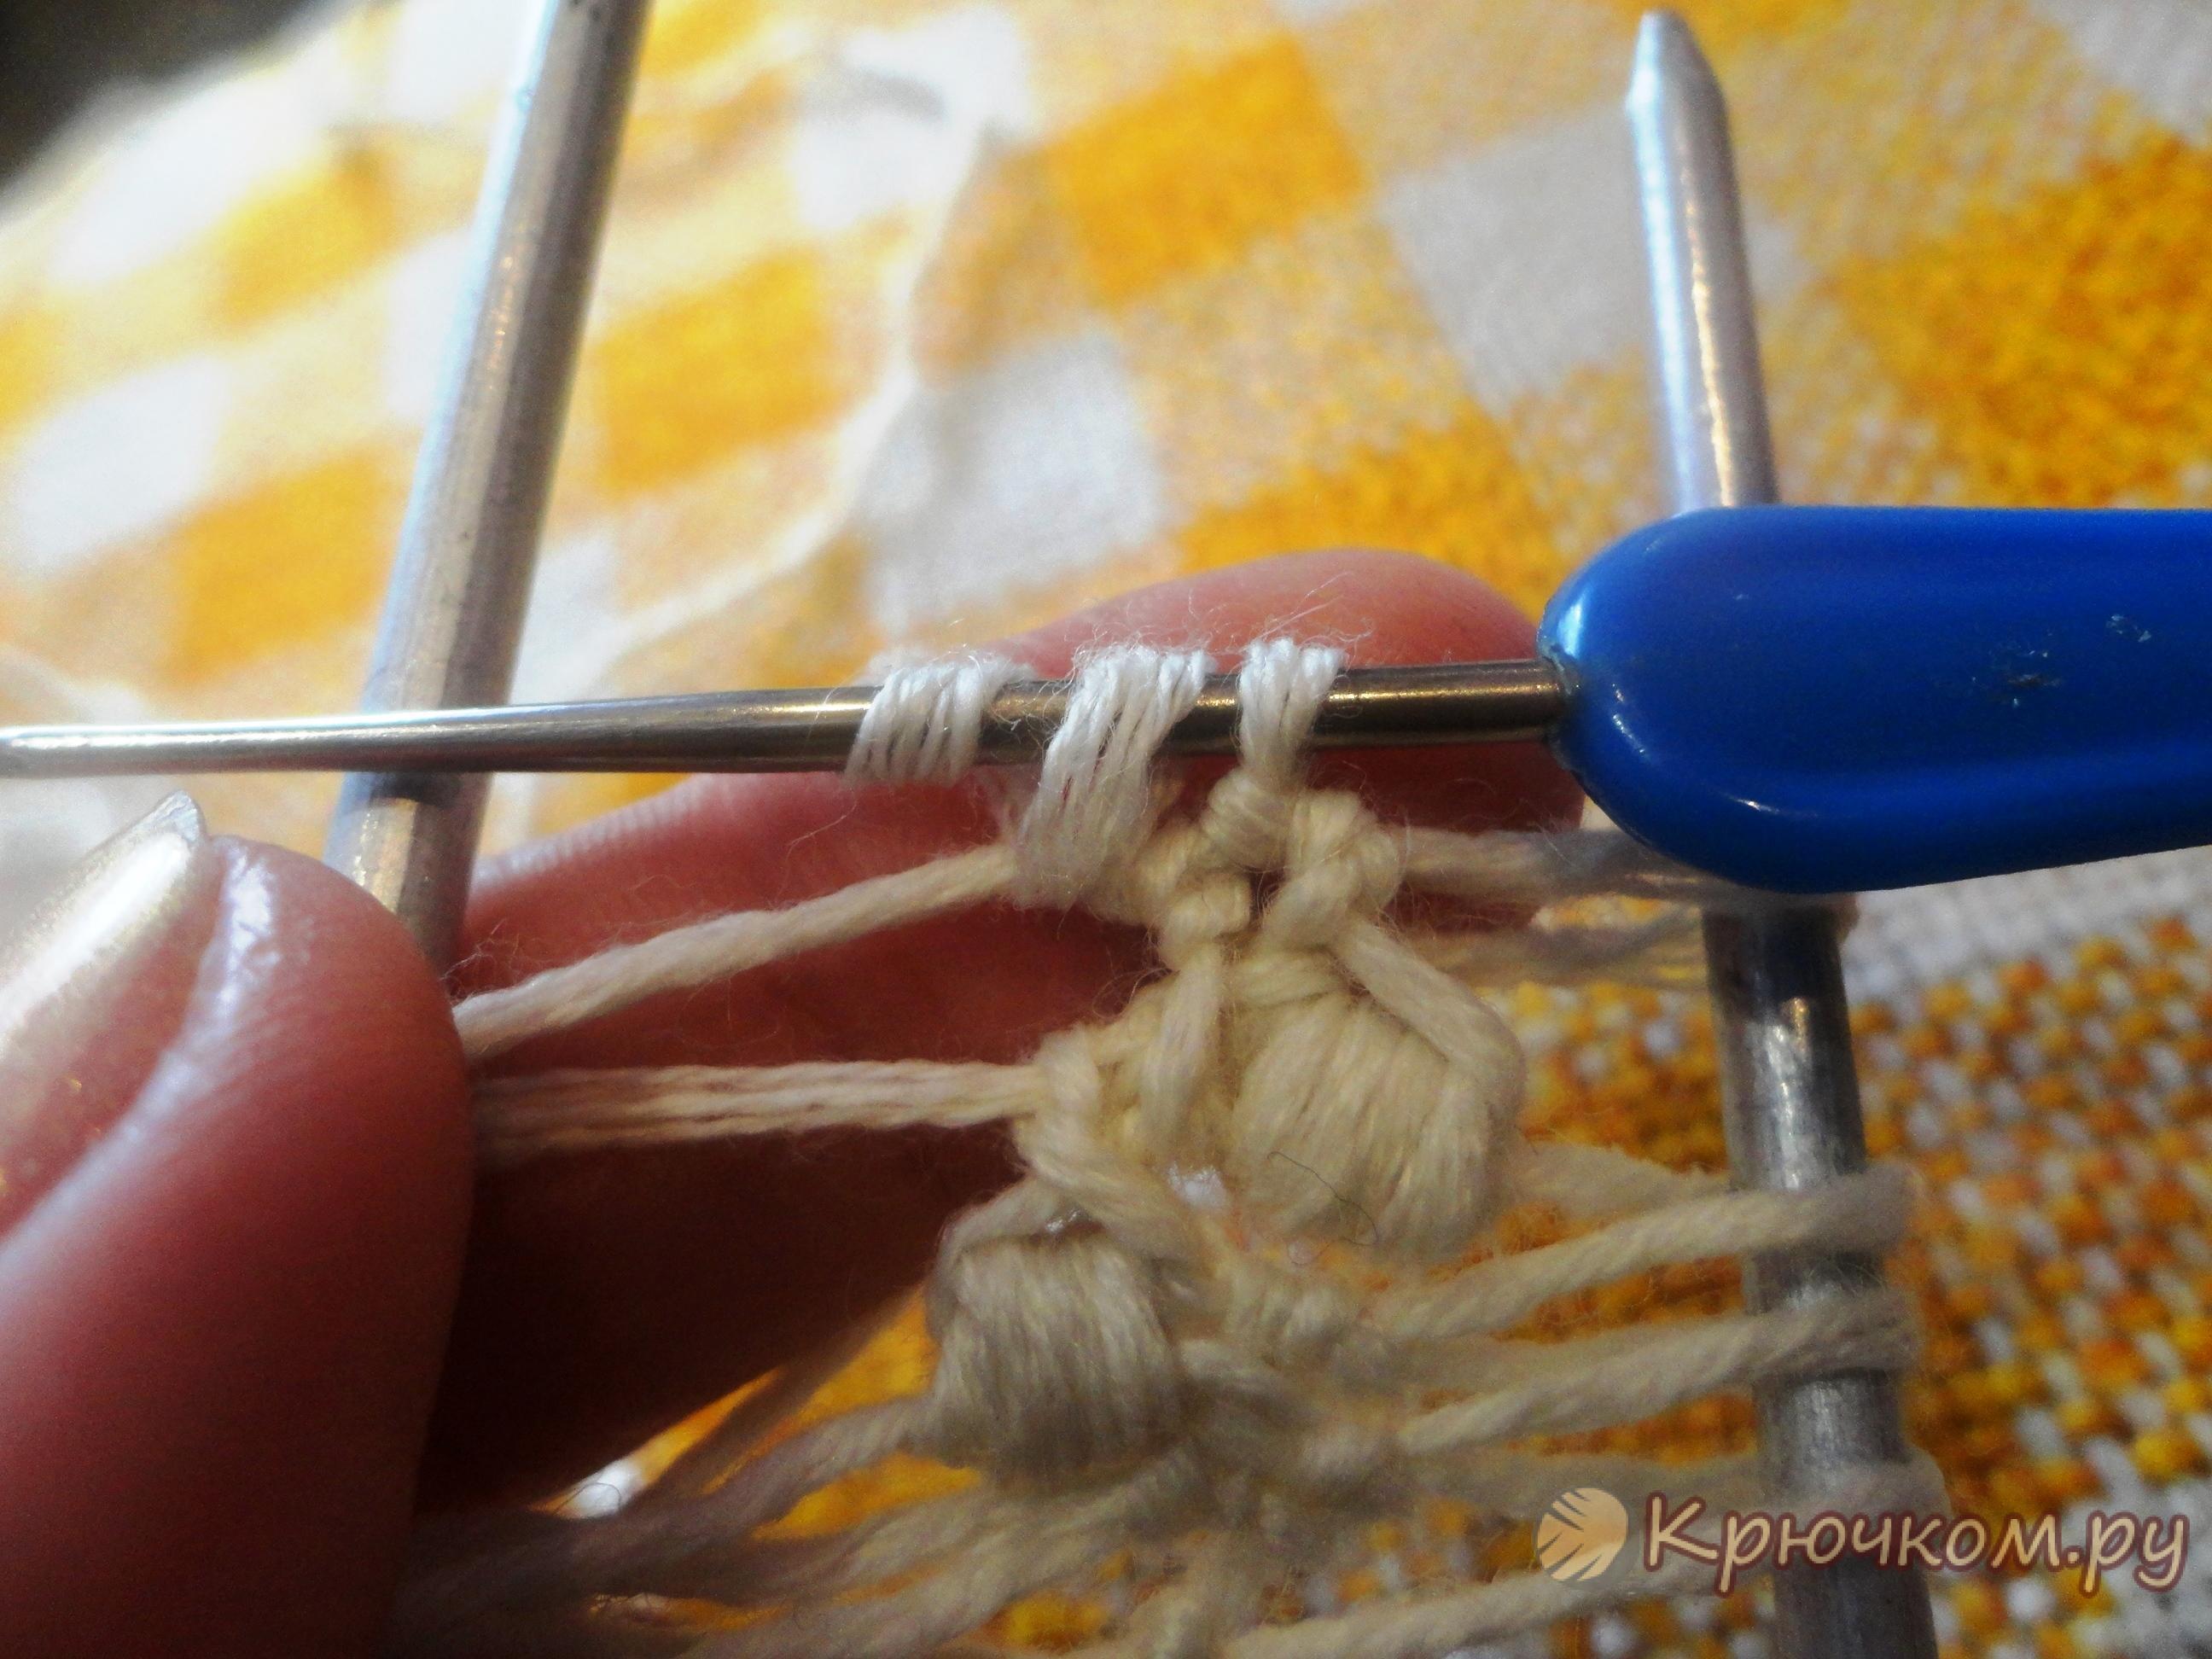 вязание на вилке для начинающих фото мастер класс